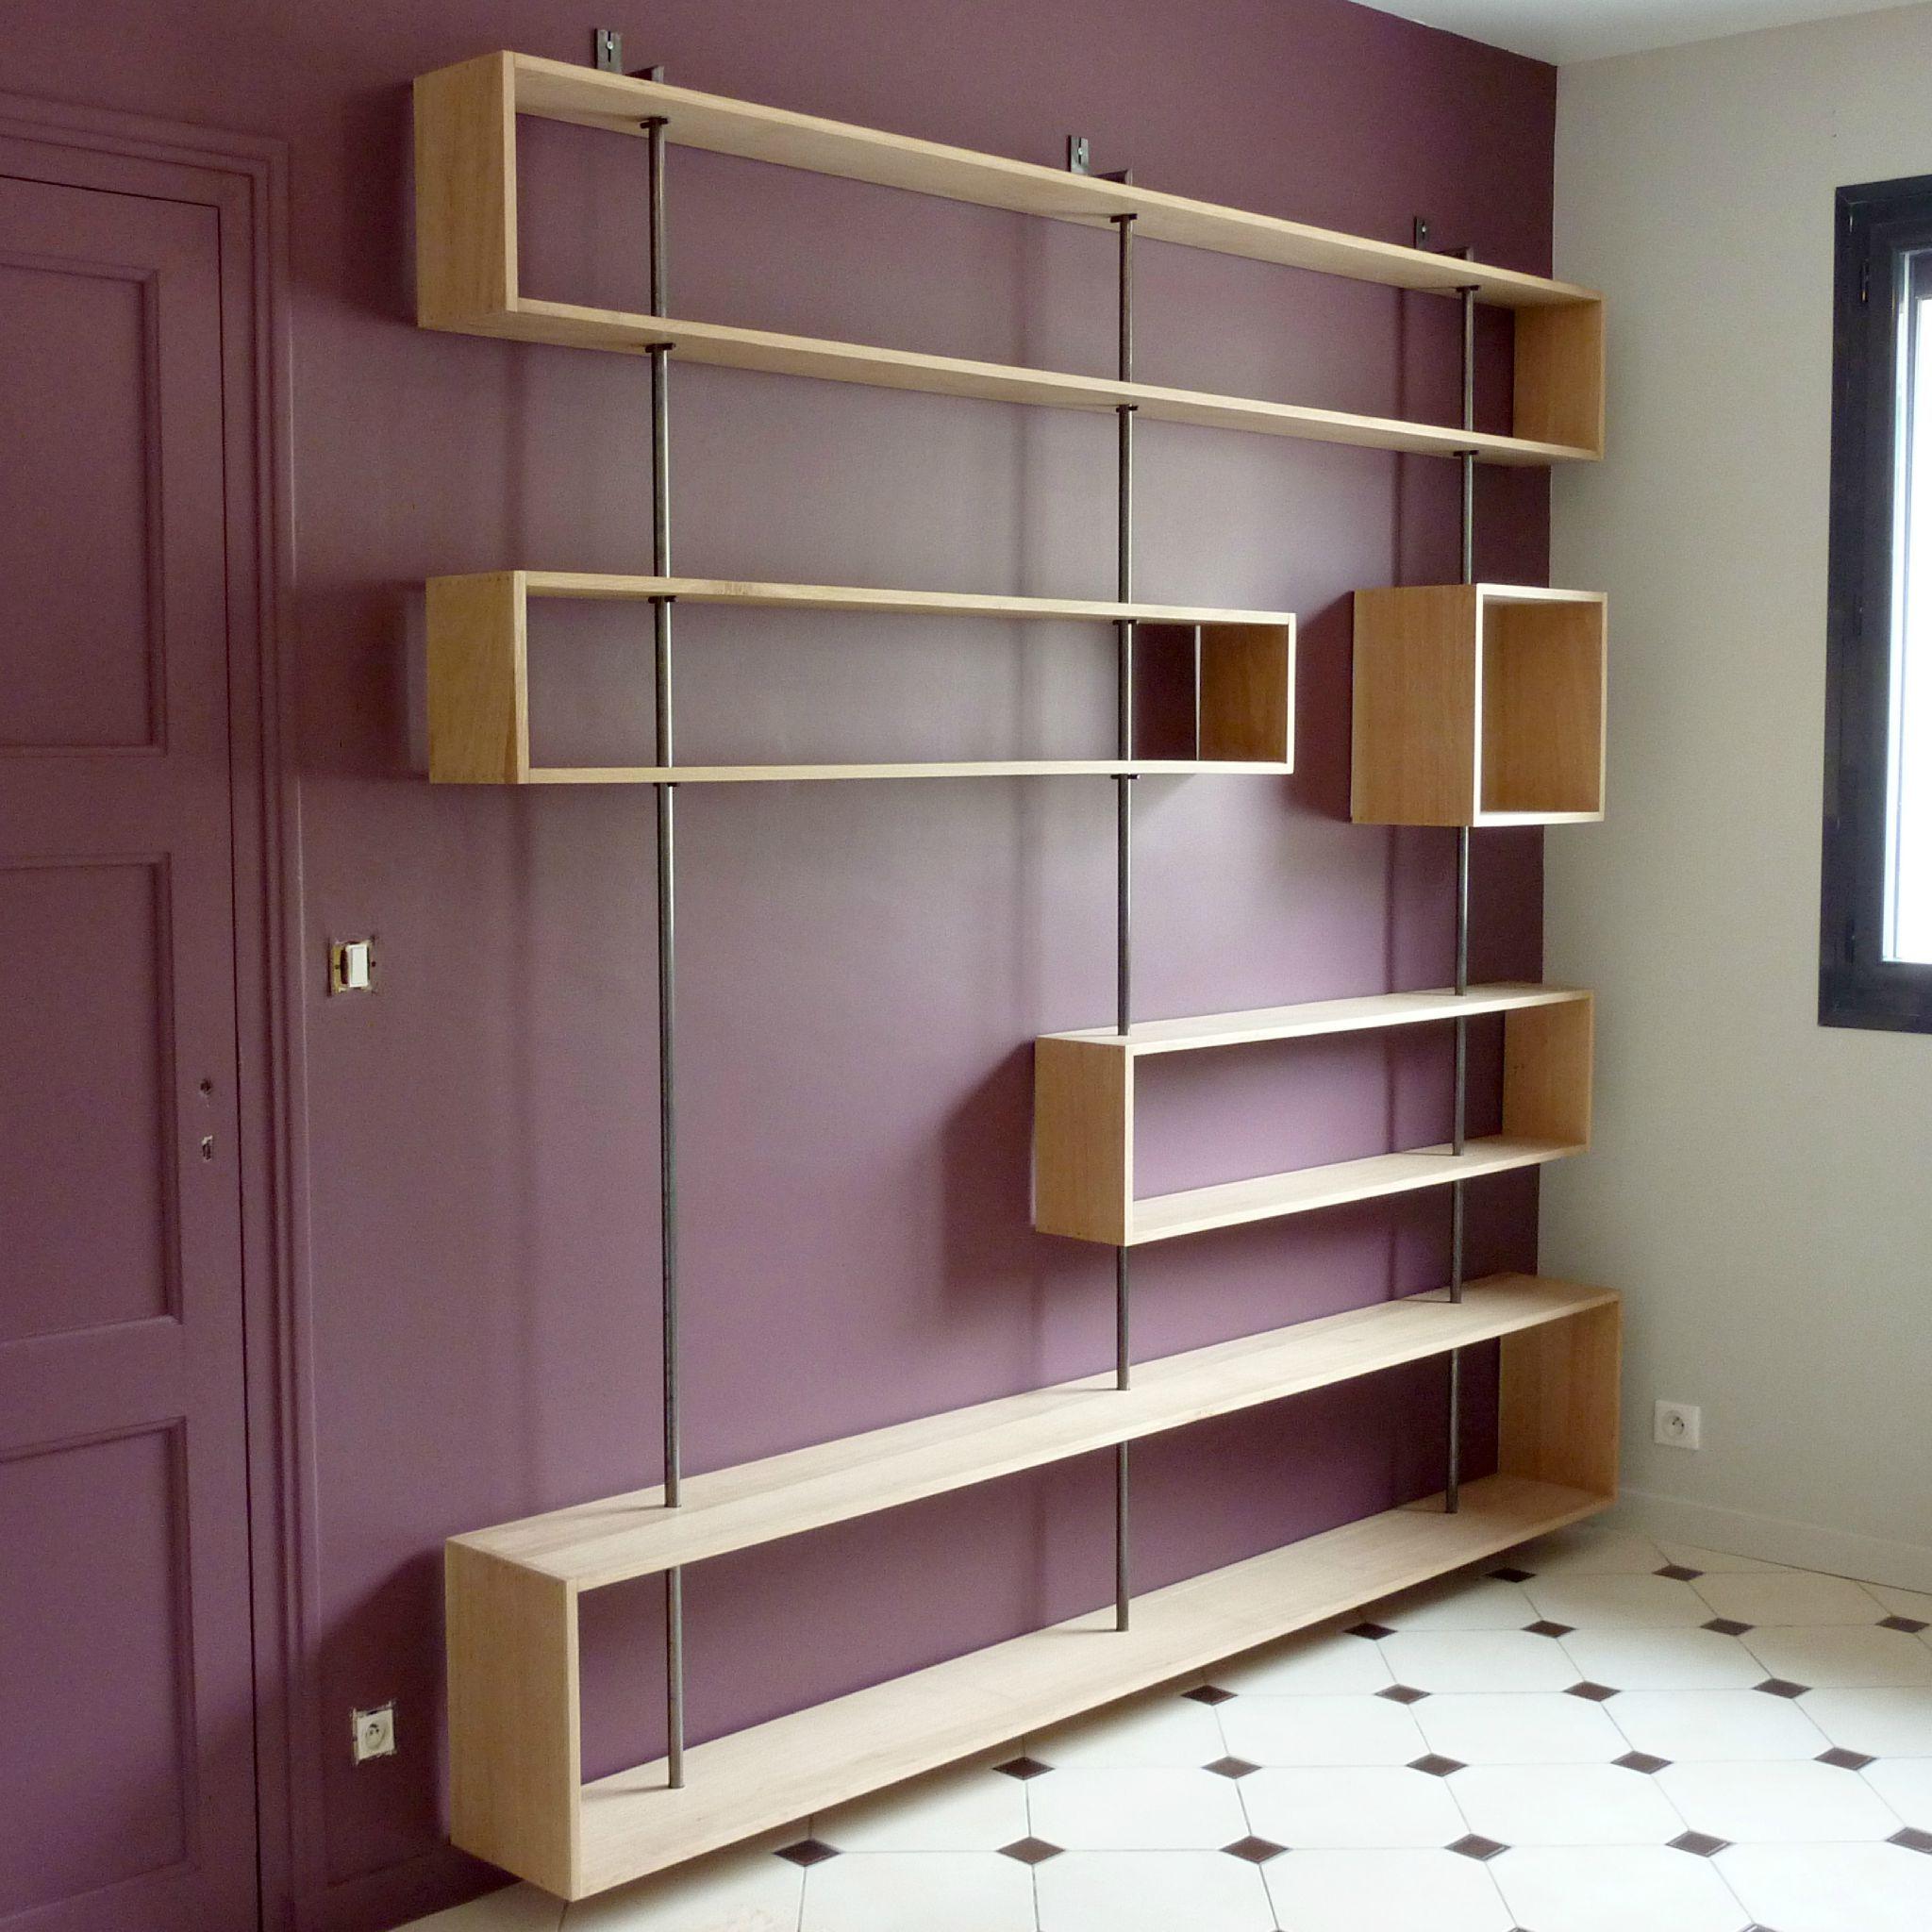 pour ranger des livres ou exposer des cadres ou de beaux objets biblioth ques et tag res. Black Bedroom Furniture Sets. Home Design Ideas